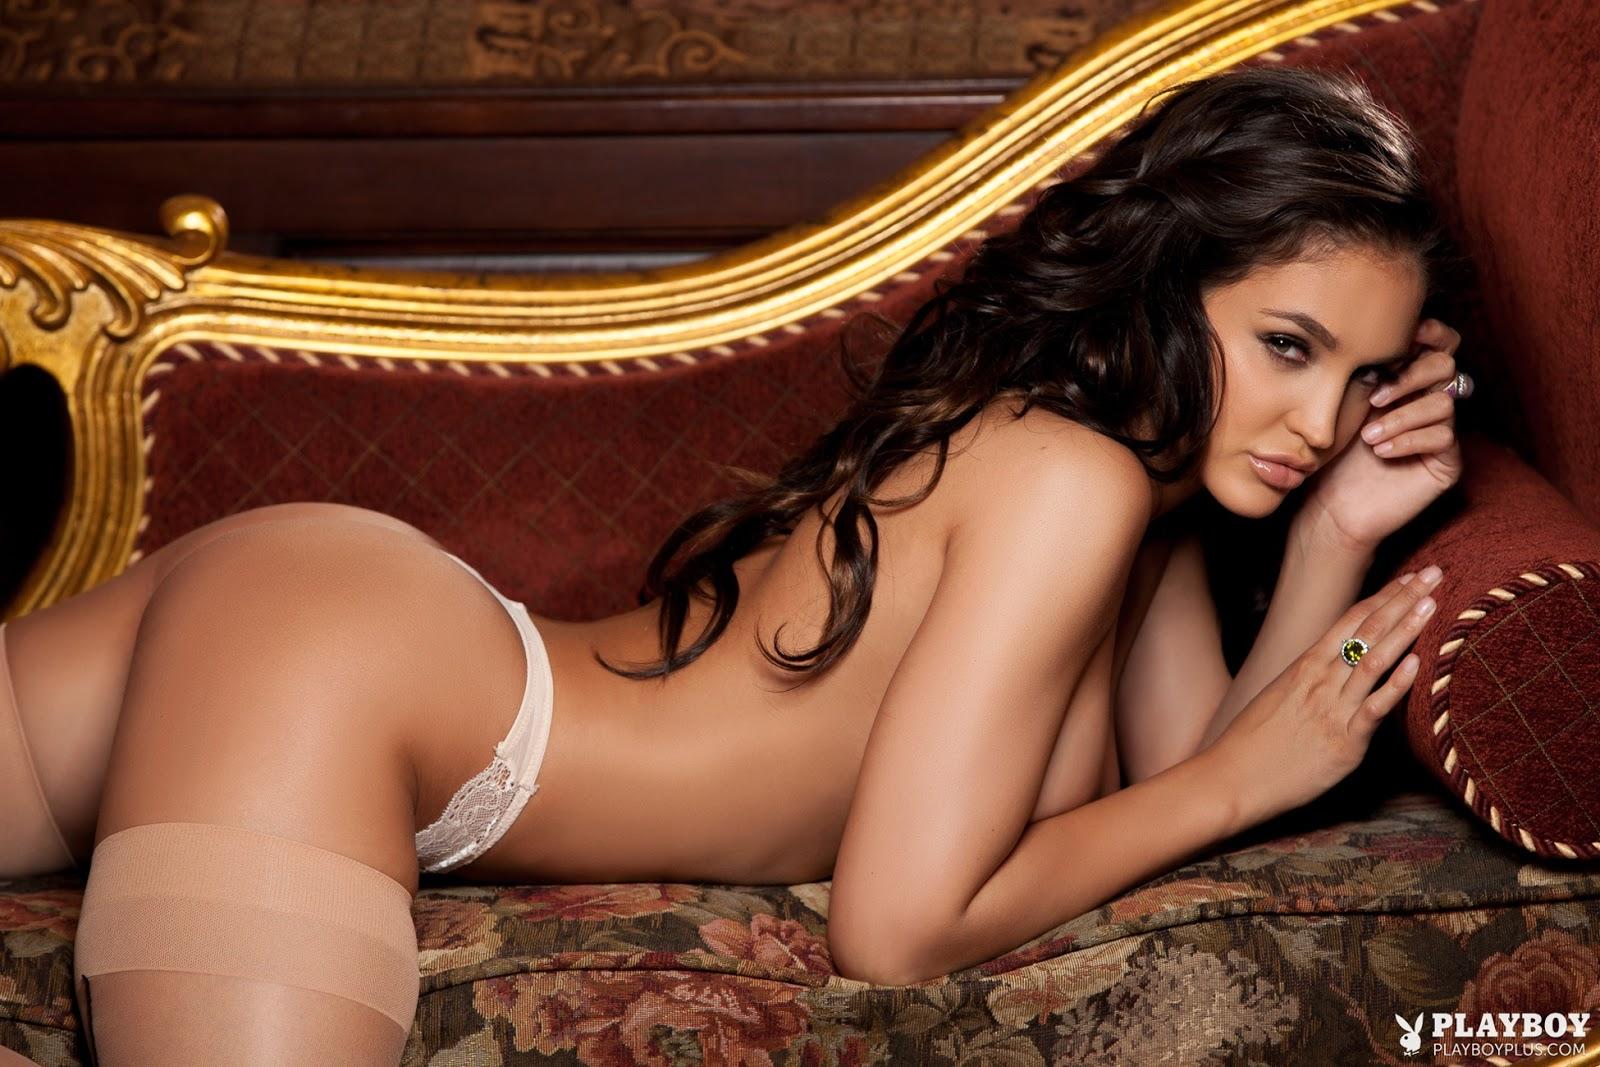 swedberg Playboy playmate nude jaclyn